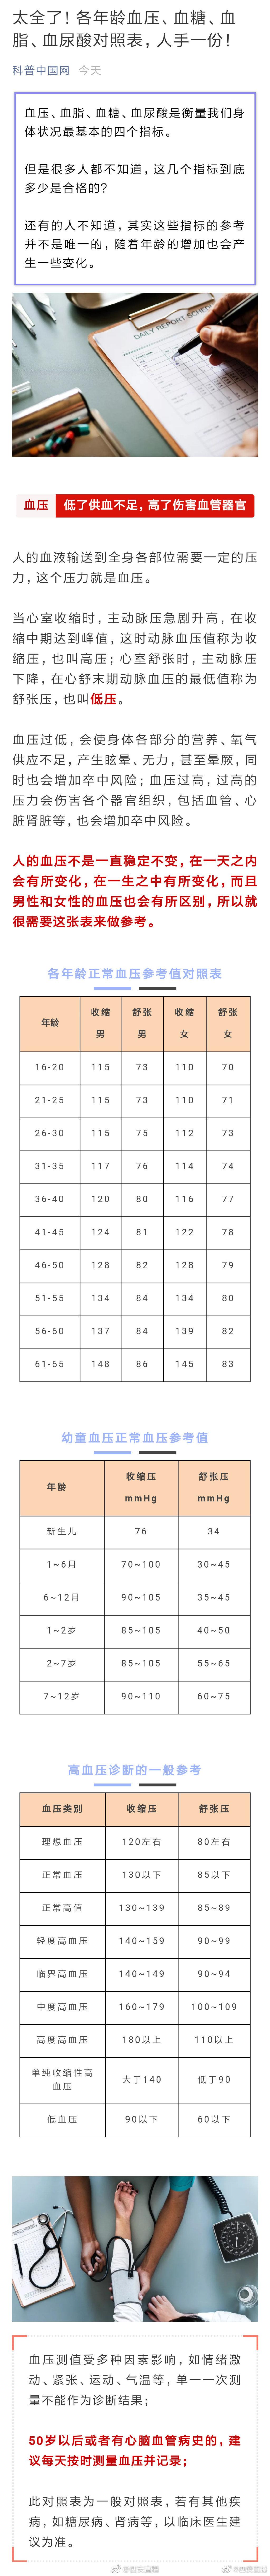 太全了!各年龄血压、血糖、血脂、血尿酸对照表,人手一份